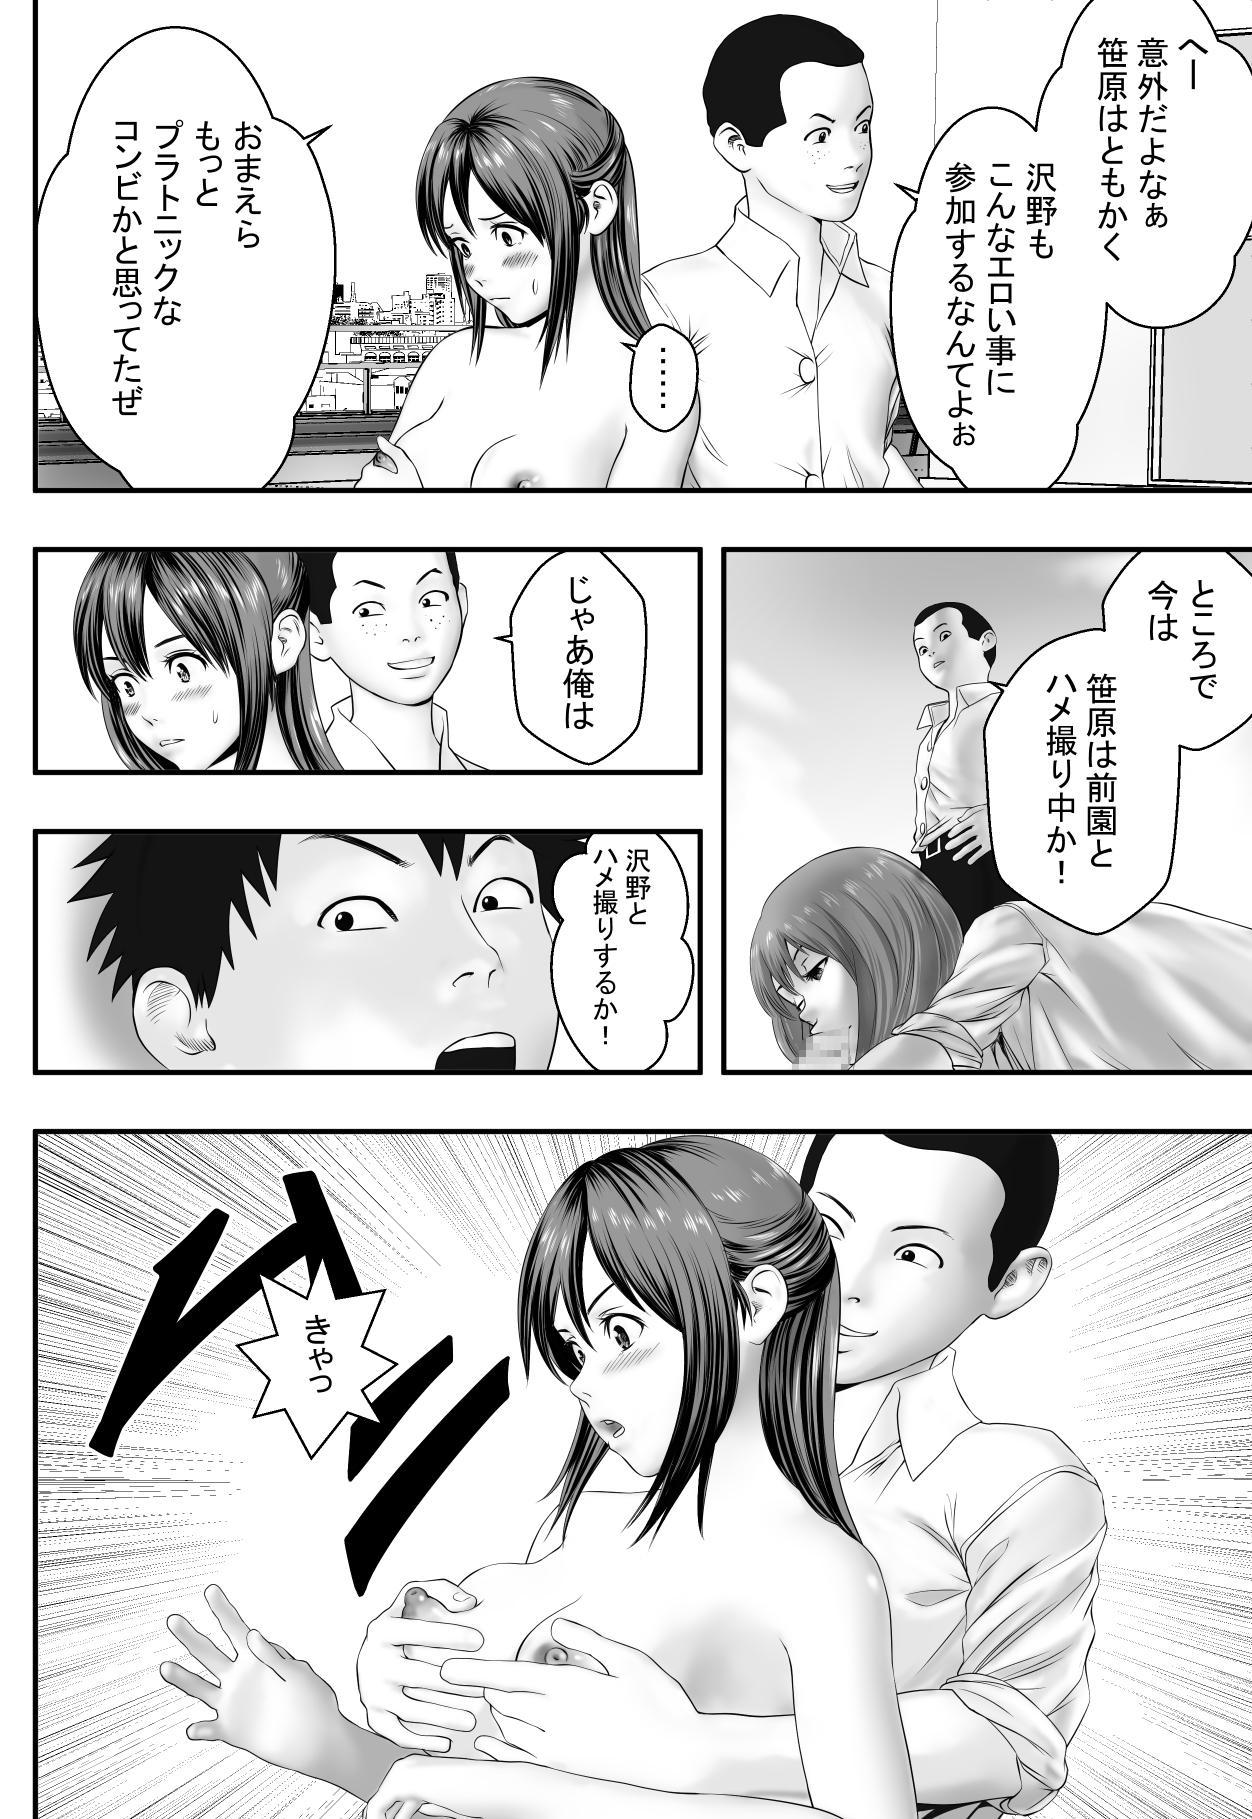 Okujou Club 26